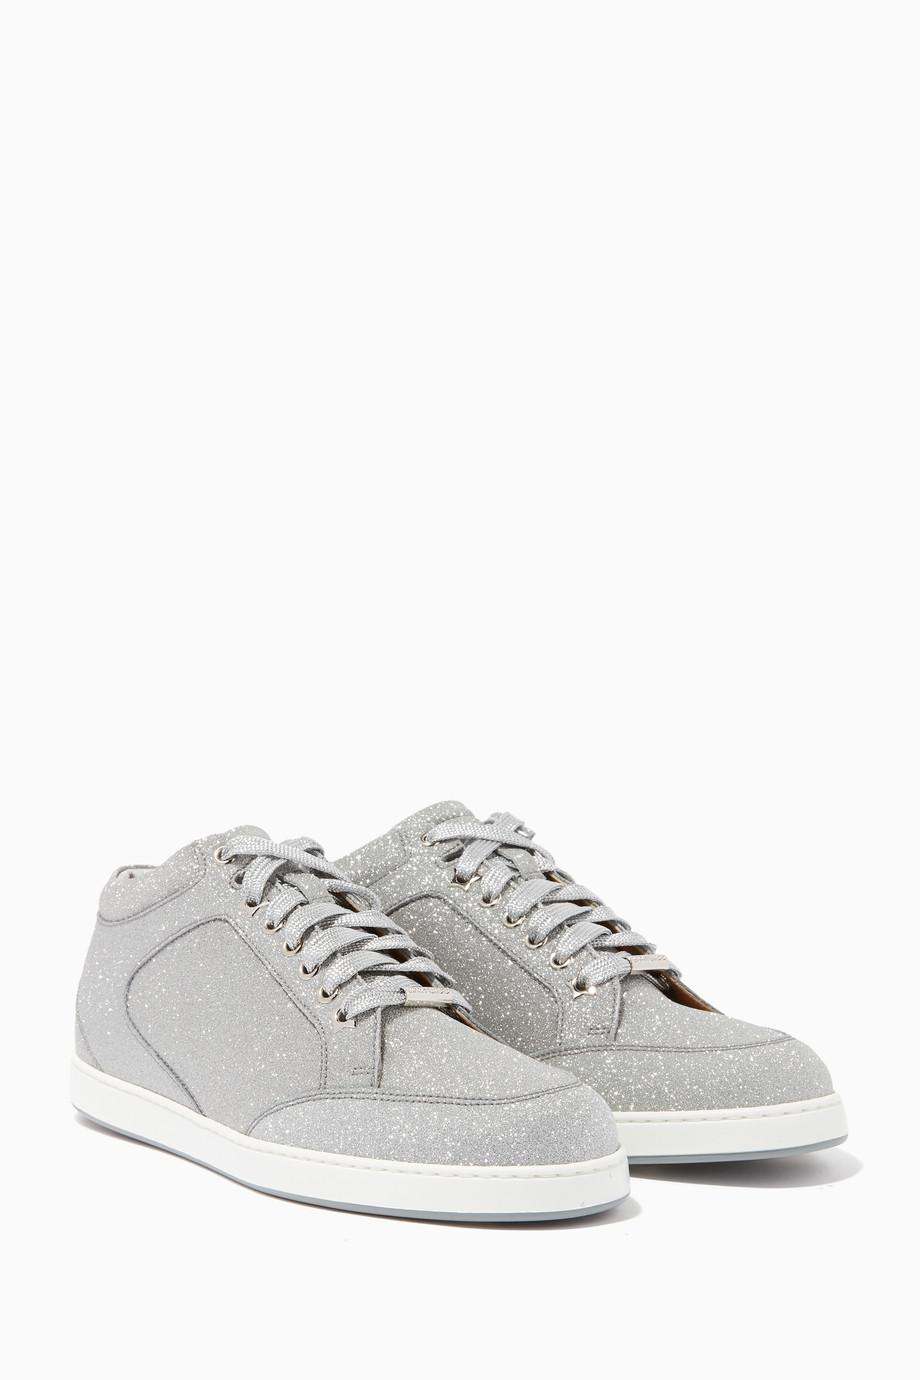 19518f9fd0b4 Shop Jimmy Choo Silver Silver Glitter Miami Sneakers for Women ...